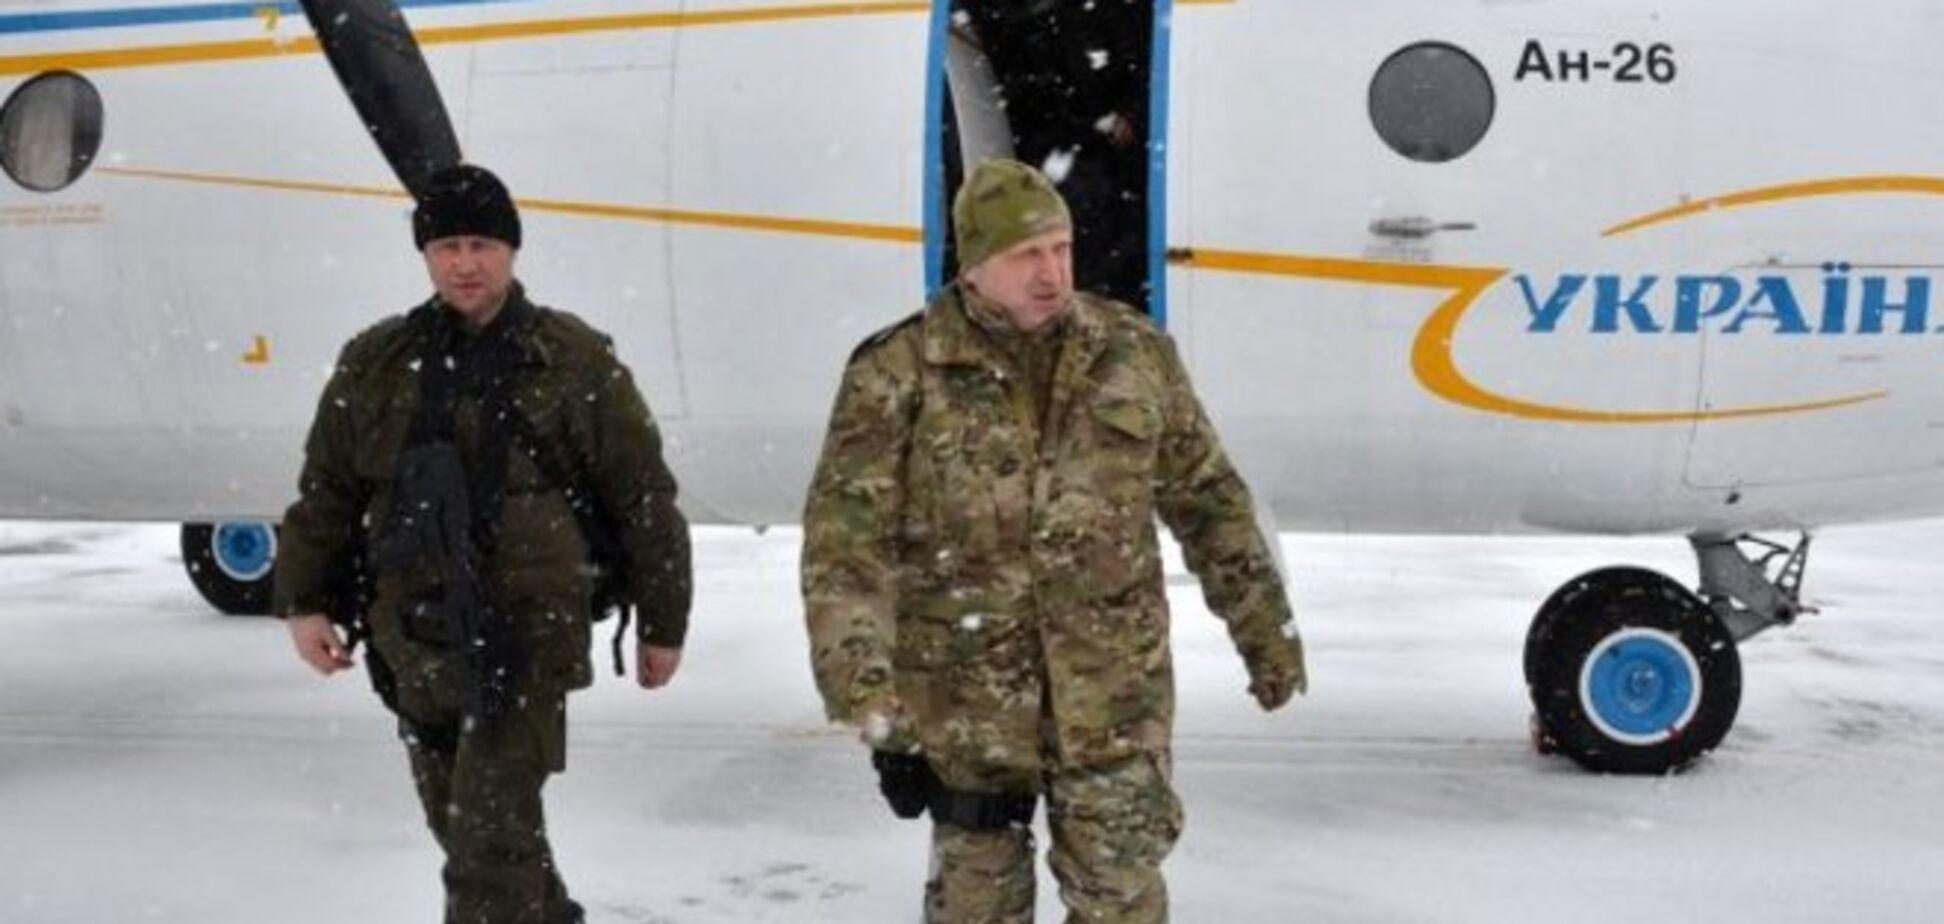 Турчинов попал под обстрел в зоне АТО